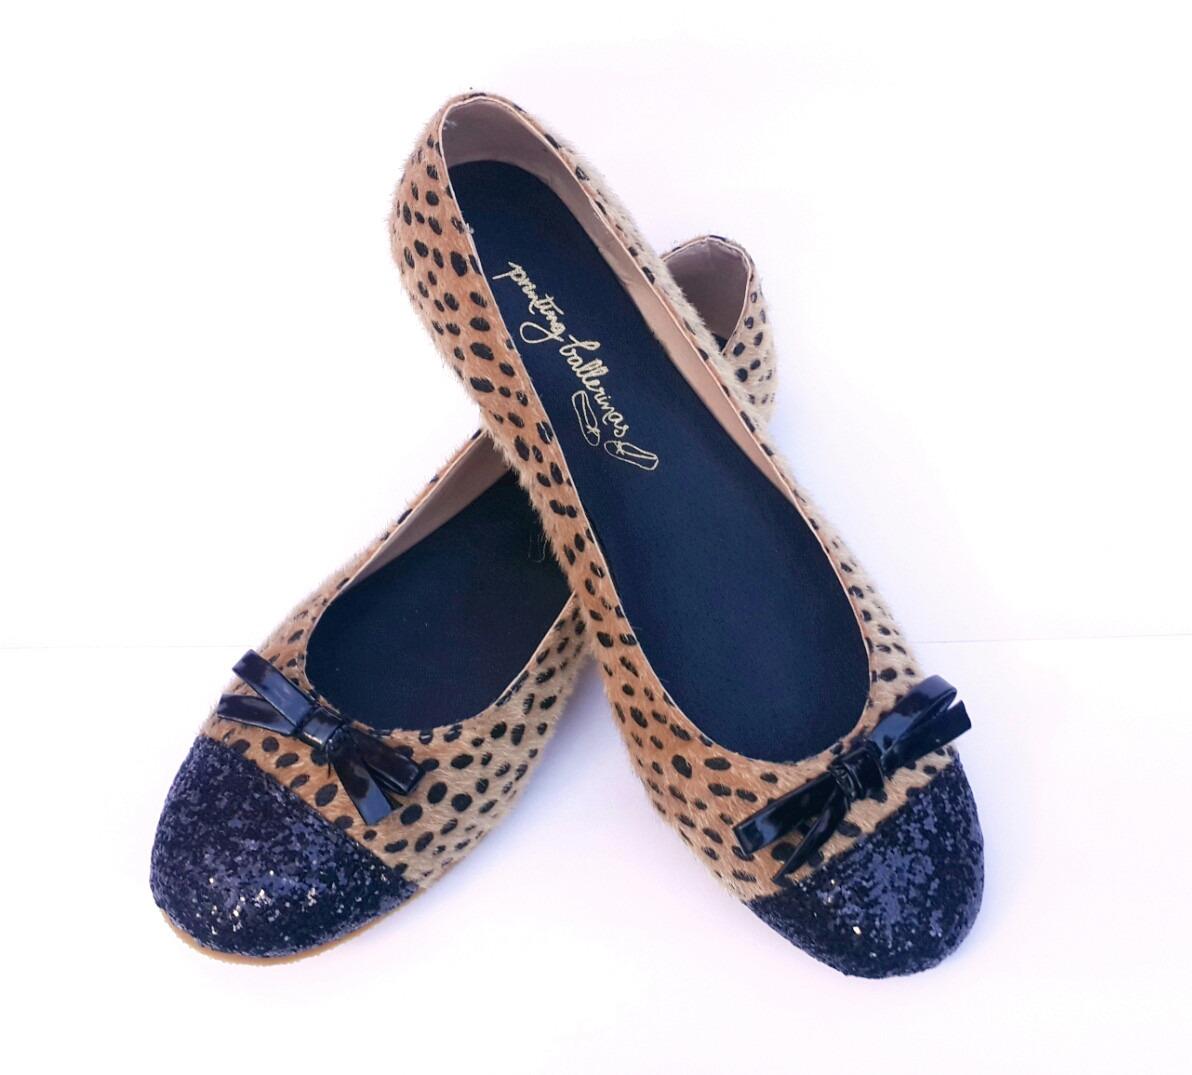 c2317414ec0 Chatita Zapato Mujer Ballerinas Mali   Solo 37 -   599